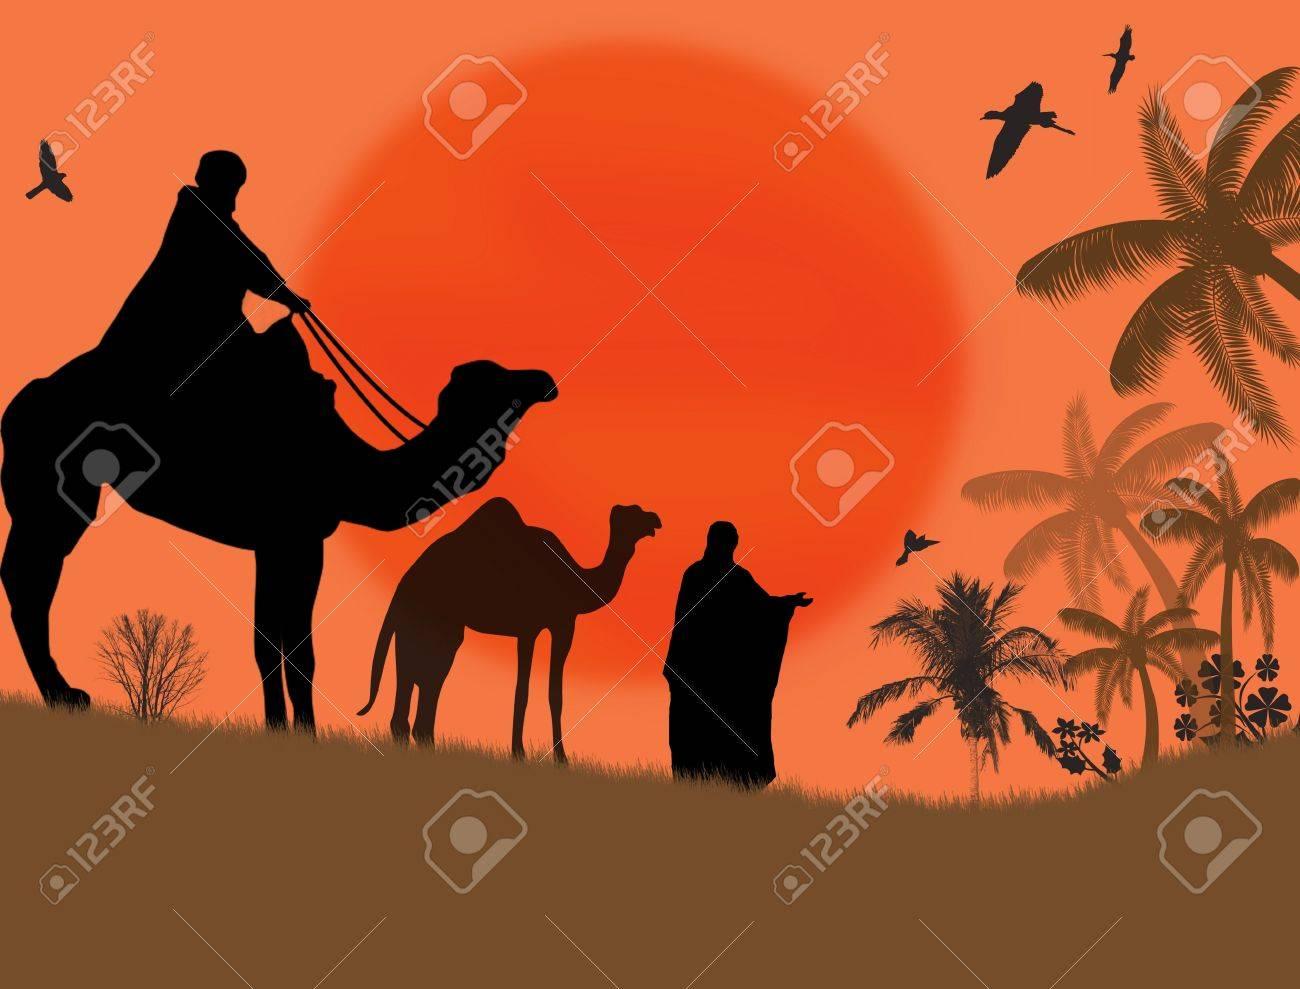 Bedouin camel caravan in wild africa landscape, vector illustration Stock Vector - 16229750